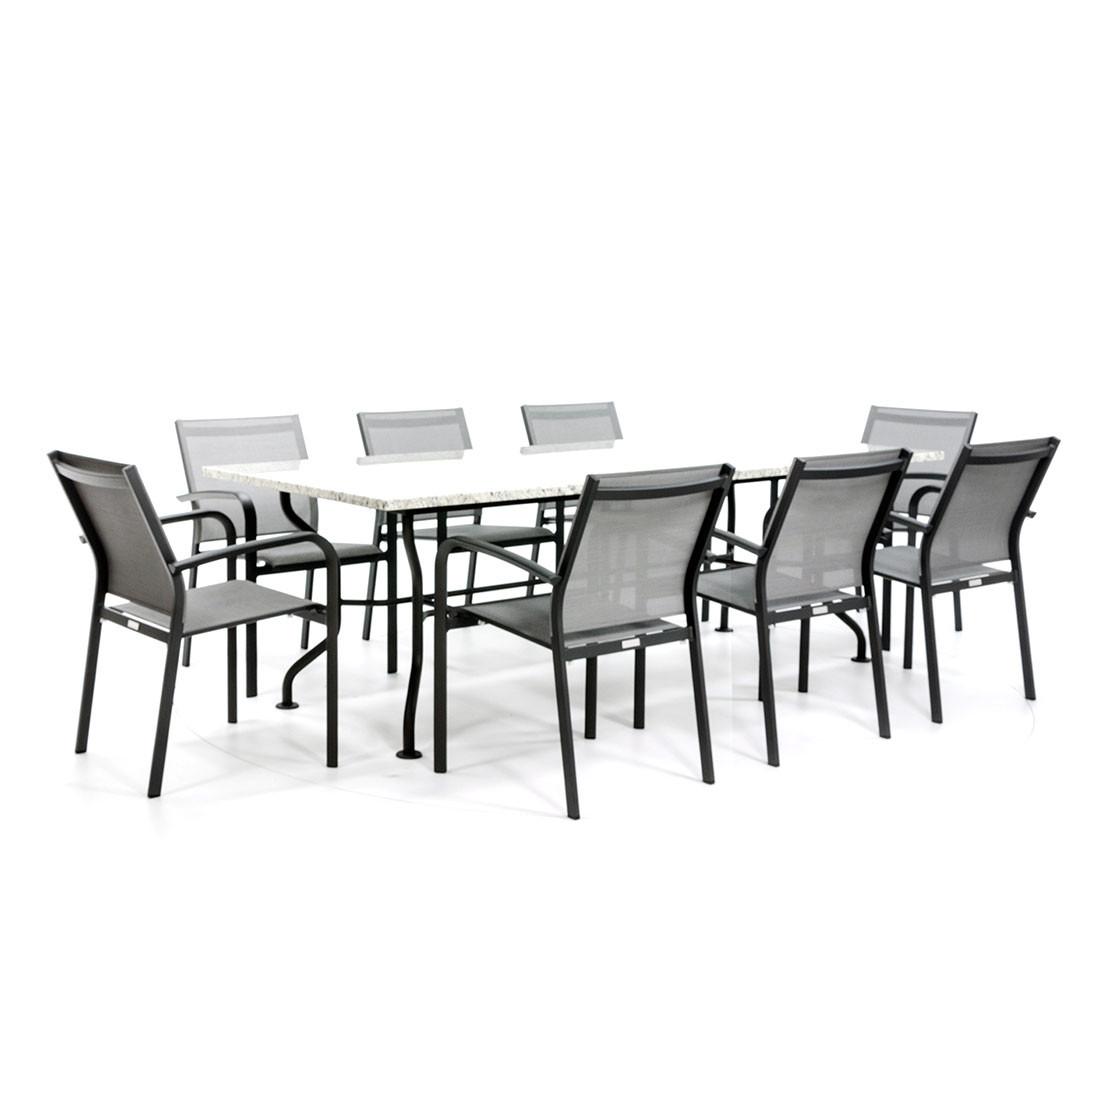 Moderner Gartentisch mit 8 textilen Gartenstühlen